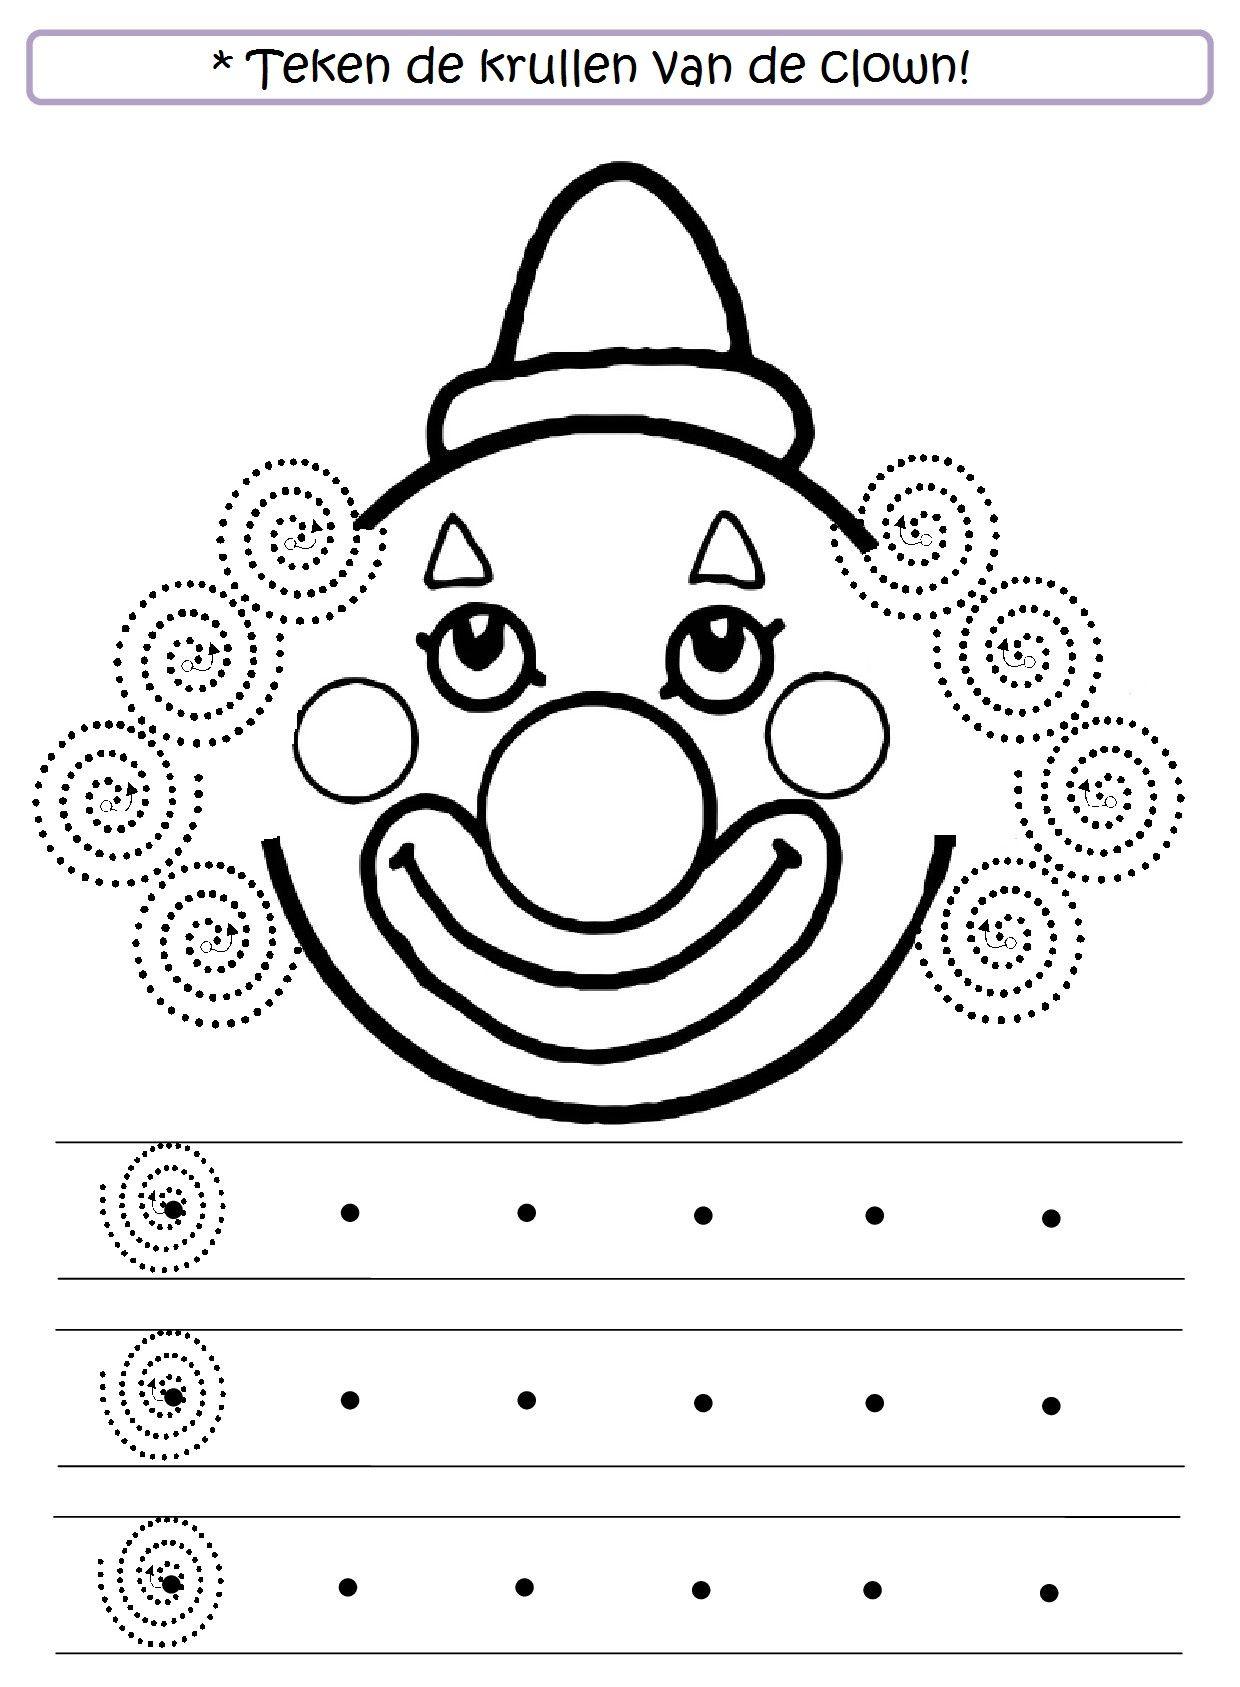 Teken De Krullen Van De Clown